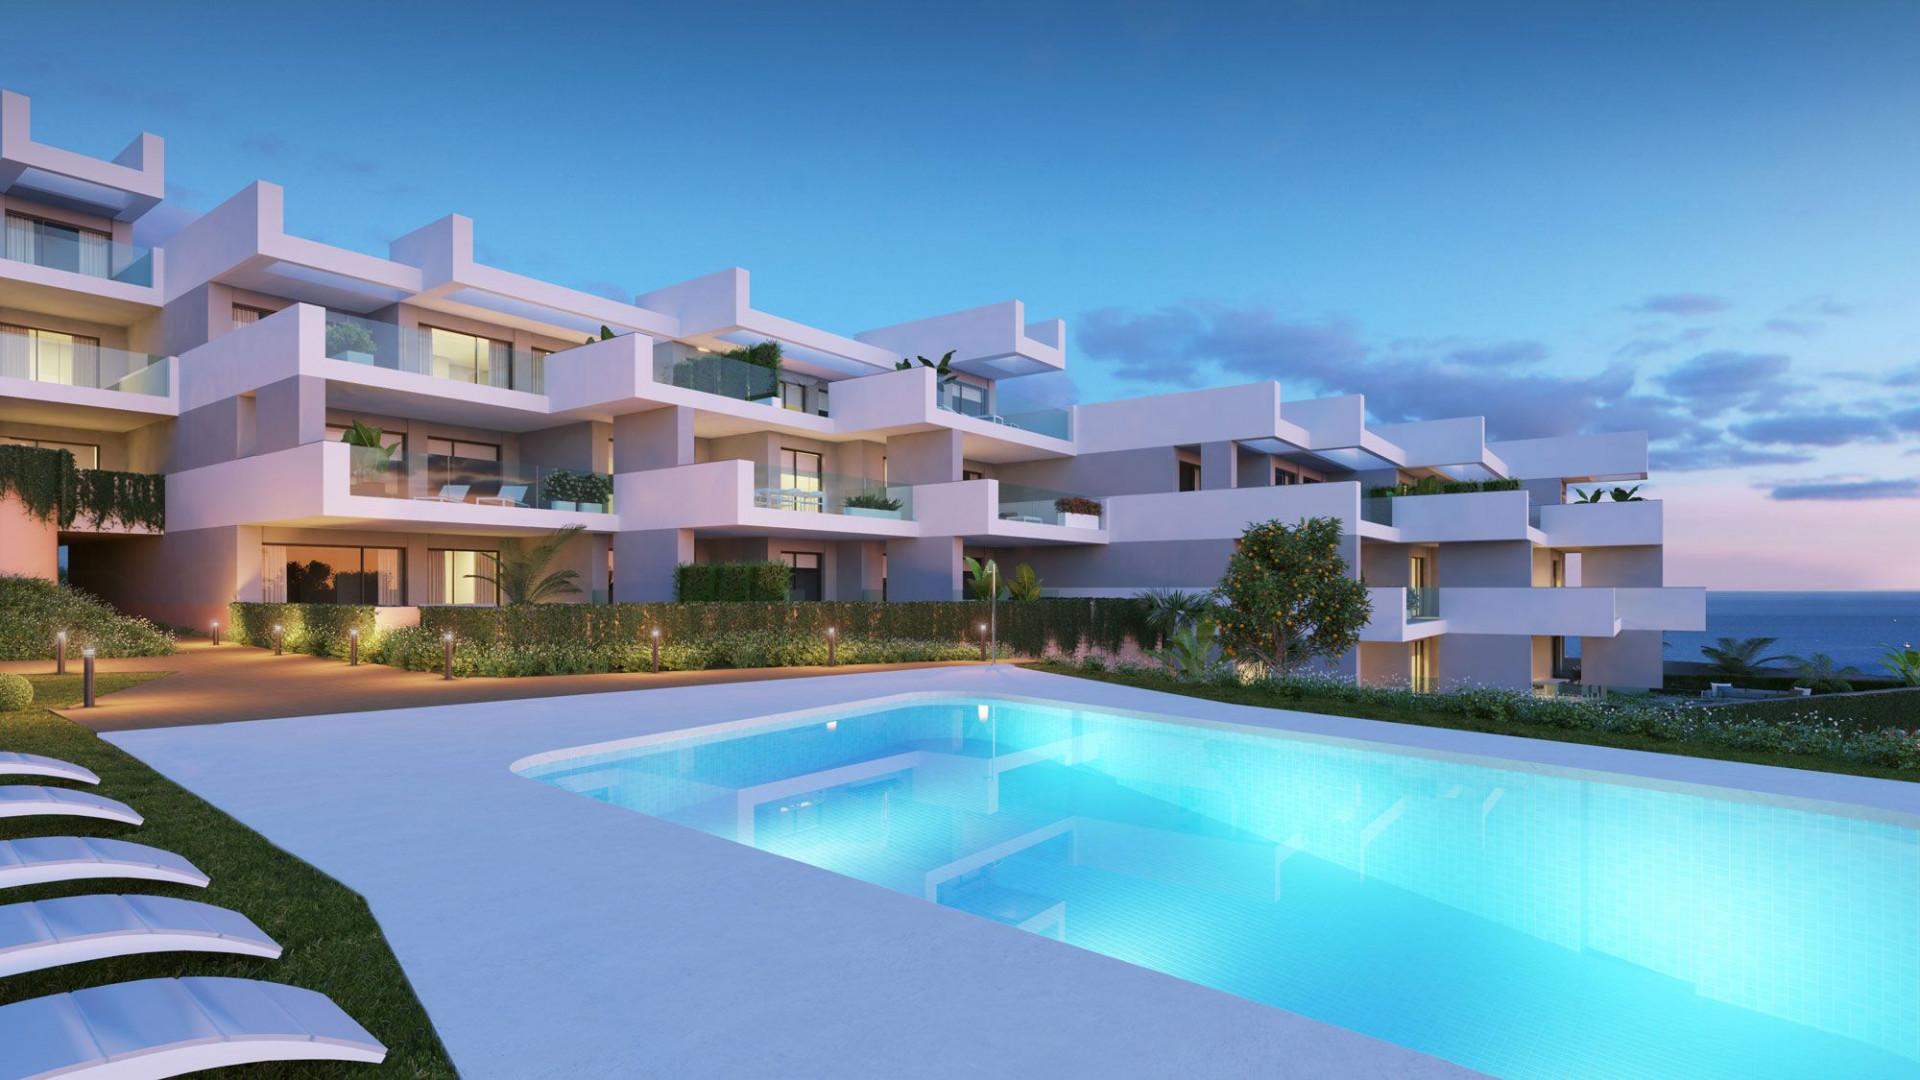 Zeer eigentijdse appartementen met zuid zeezicht in Manilva.PL138